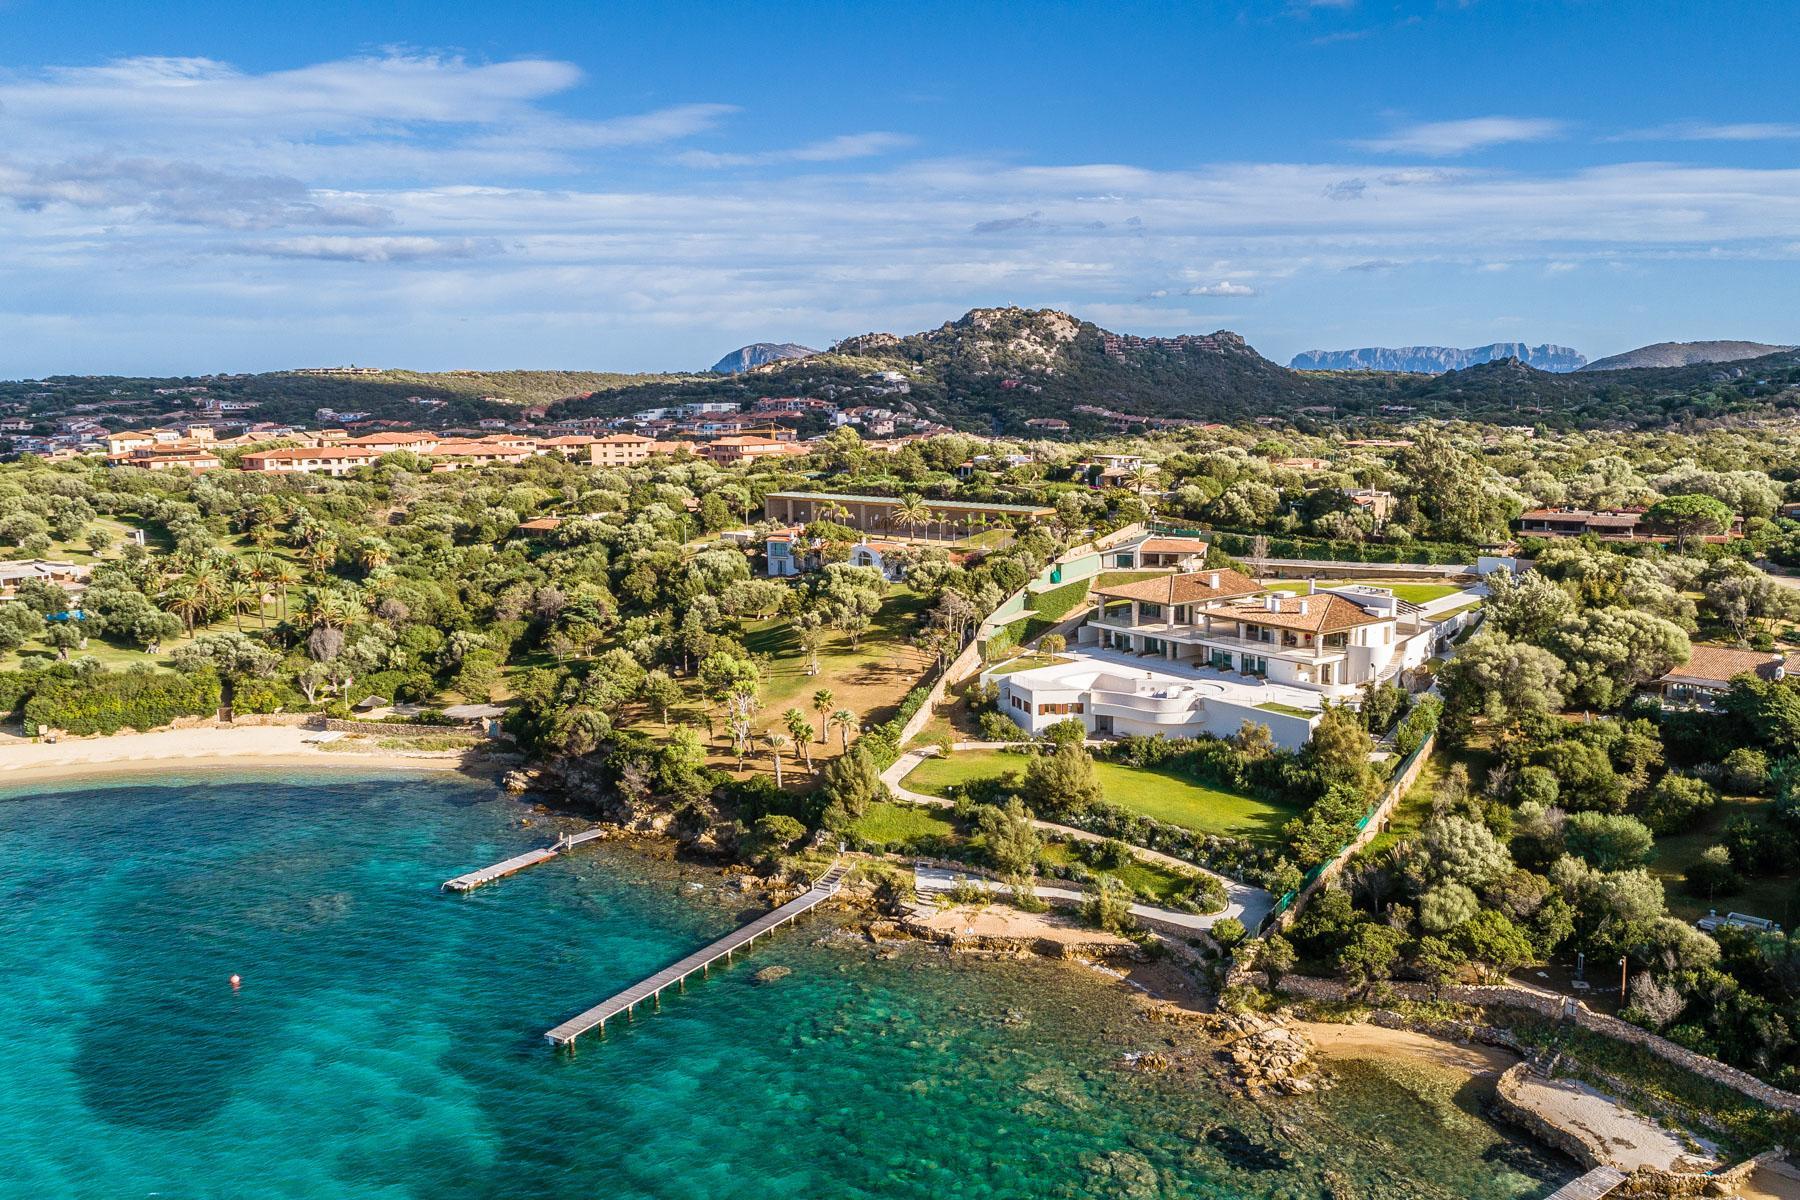 Meravigliosa villa sul mare in Costa Smeralda - 32